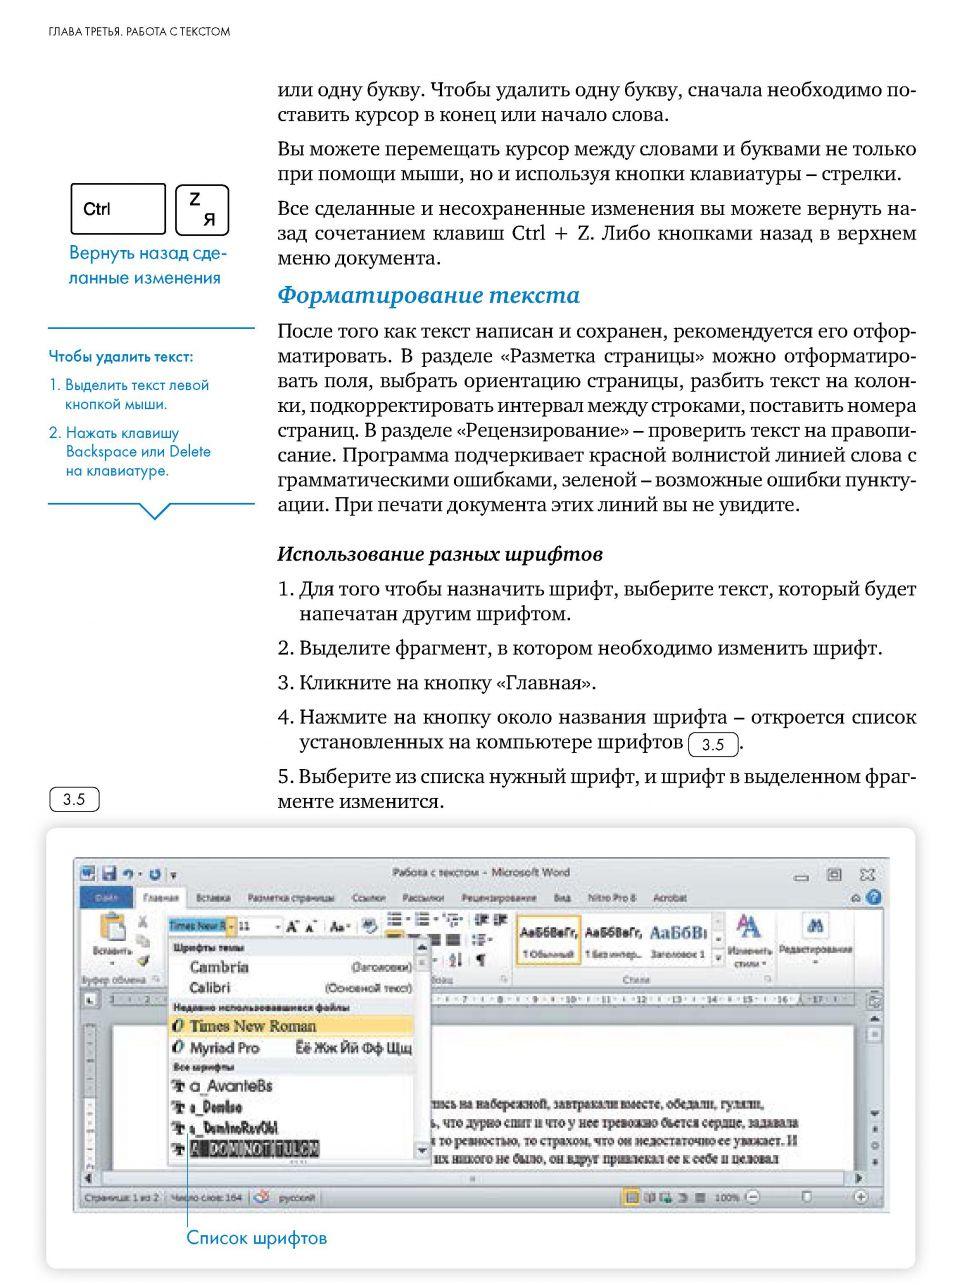 Как распечатать текст с компьютера на принтере - m 70